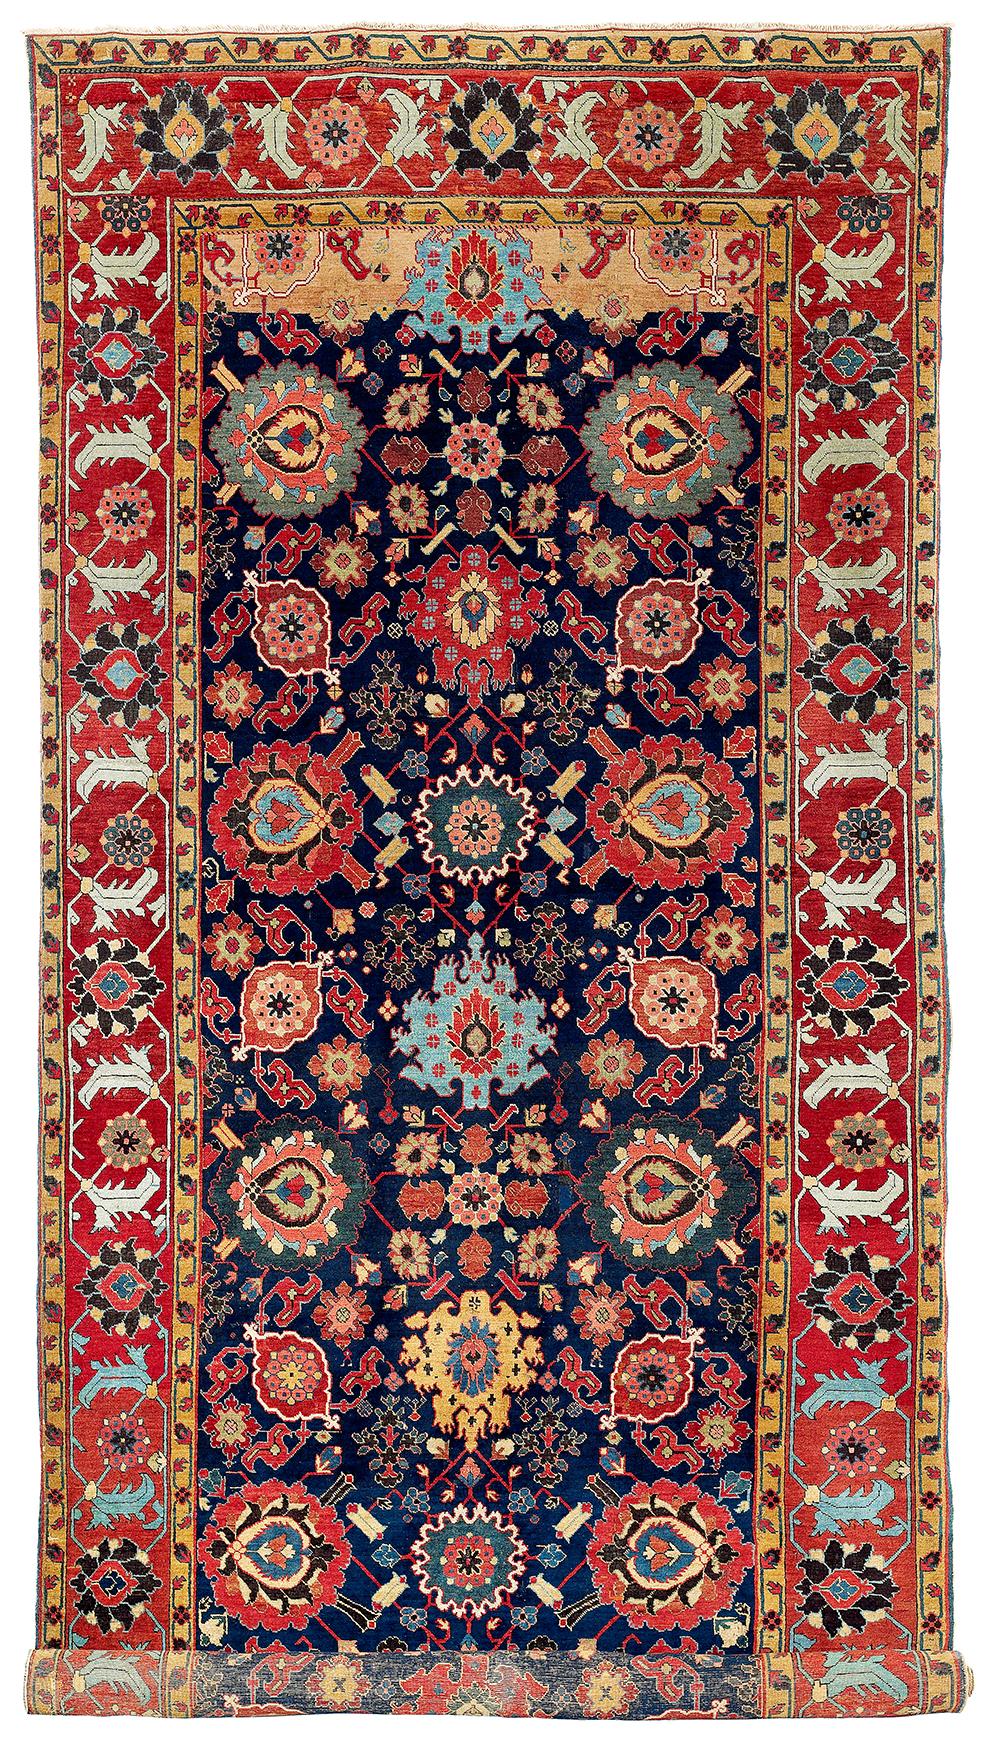 Lot 144, Northwest Persian kelleh, Azerbaijan, 18th century, estimate €70,000